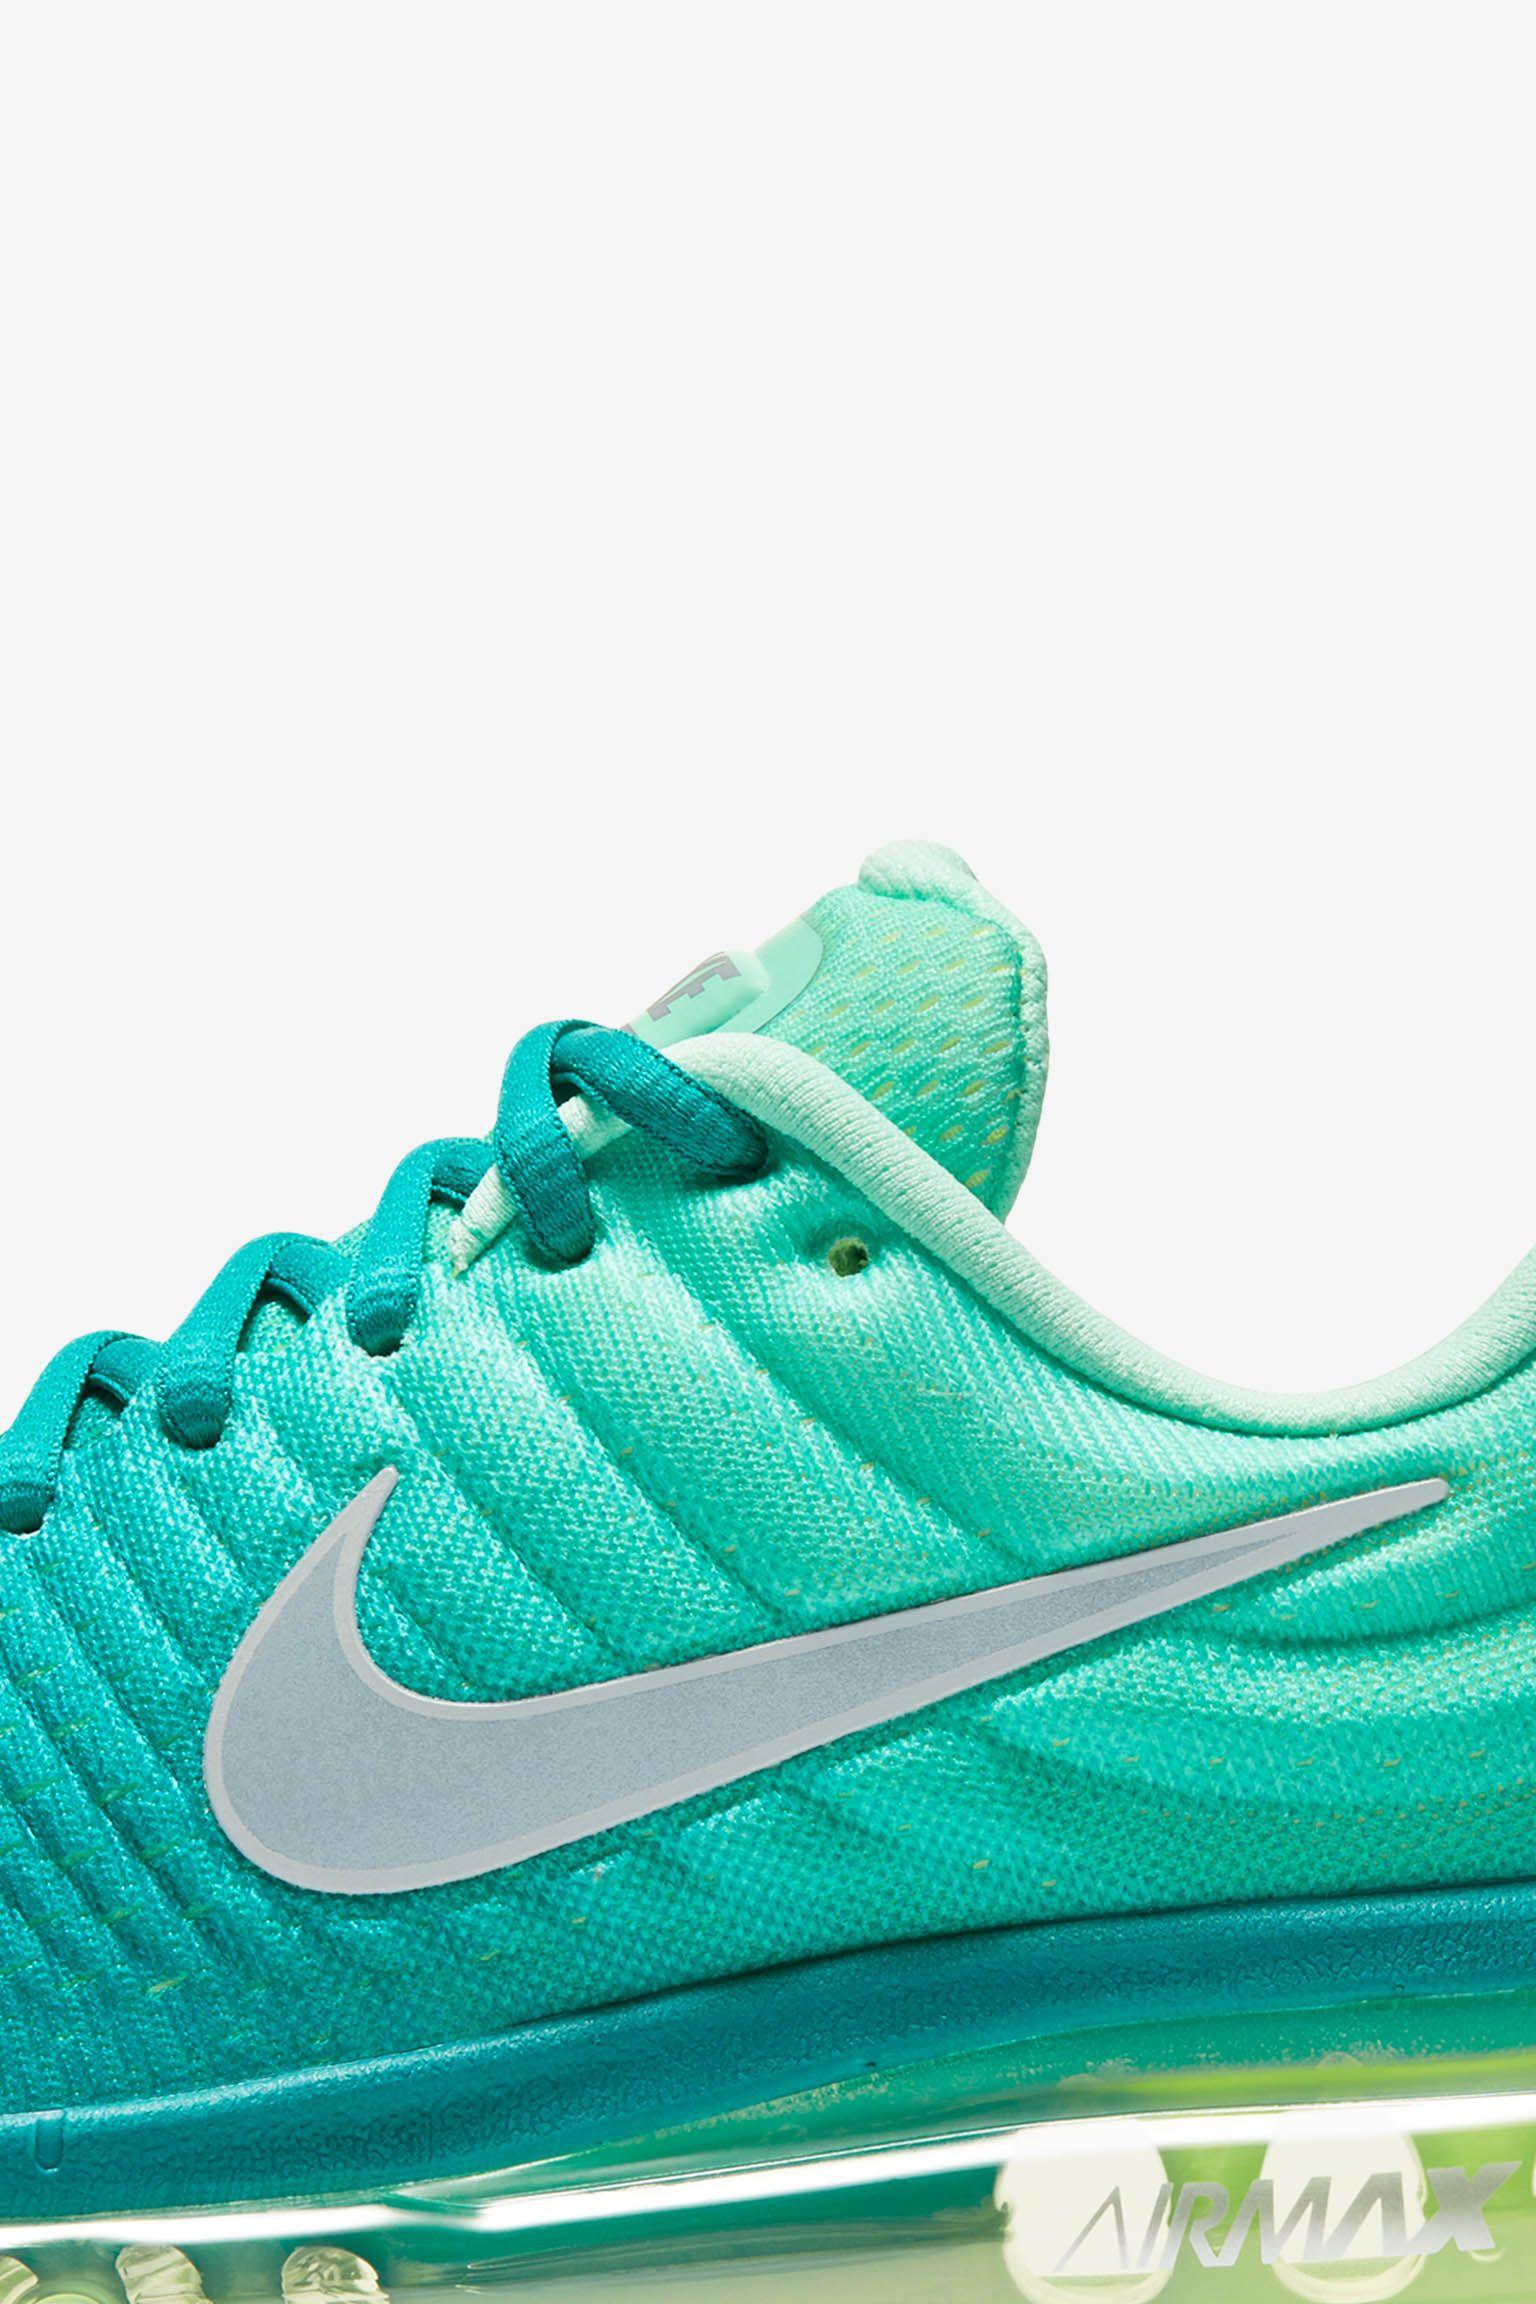 Nike Air Max 2017 'Rio Teal' til kvinder. Lanceringsdato